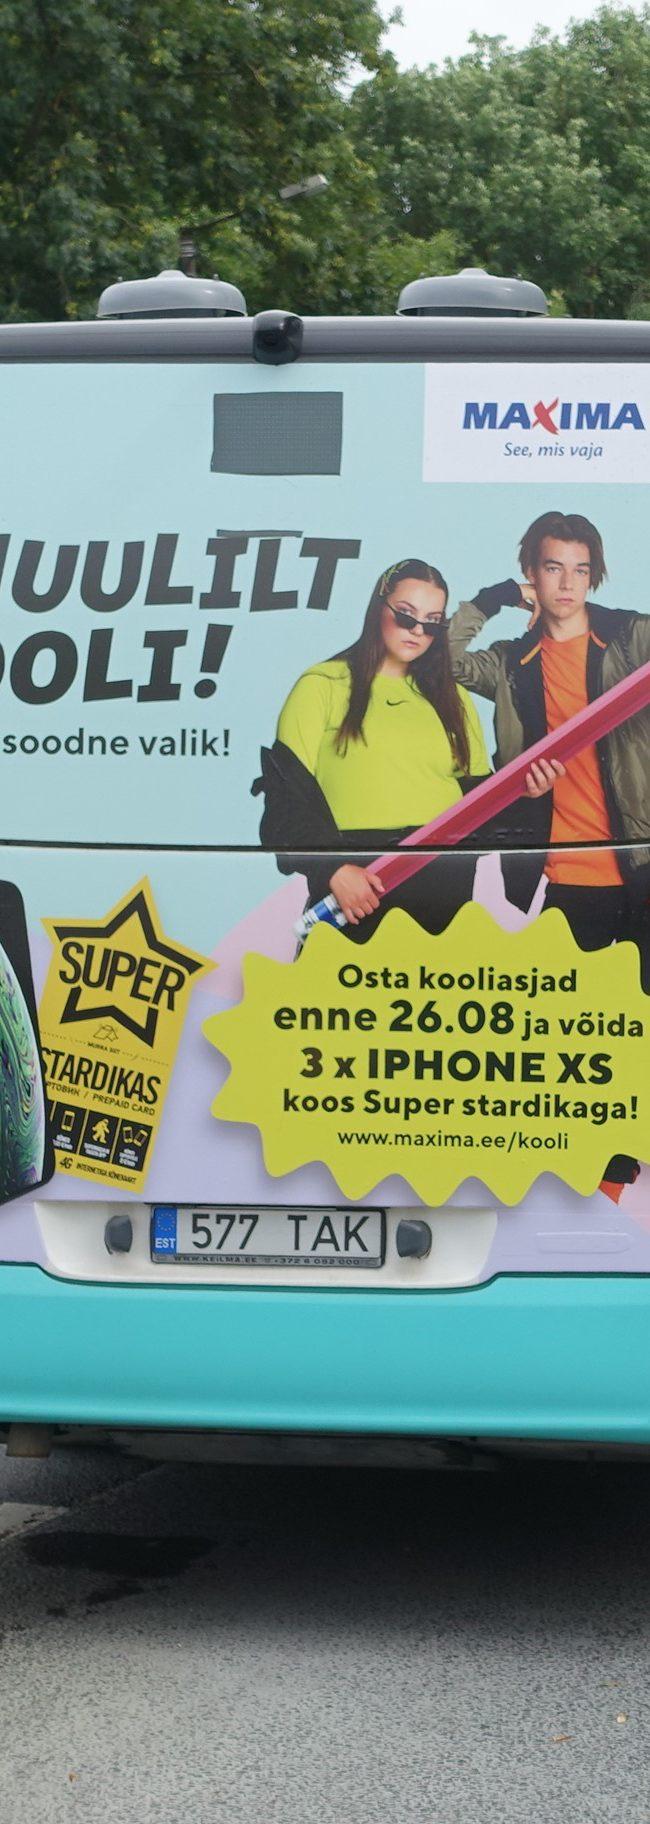 Maxima – reklaam ühistranspordil, kleebis bussi tagumisel küljel